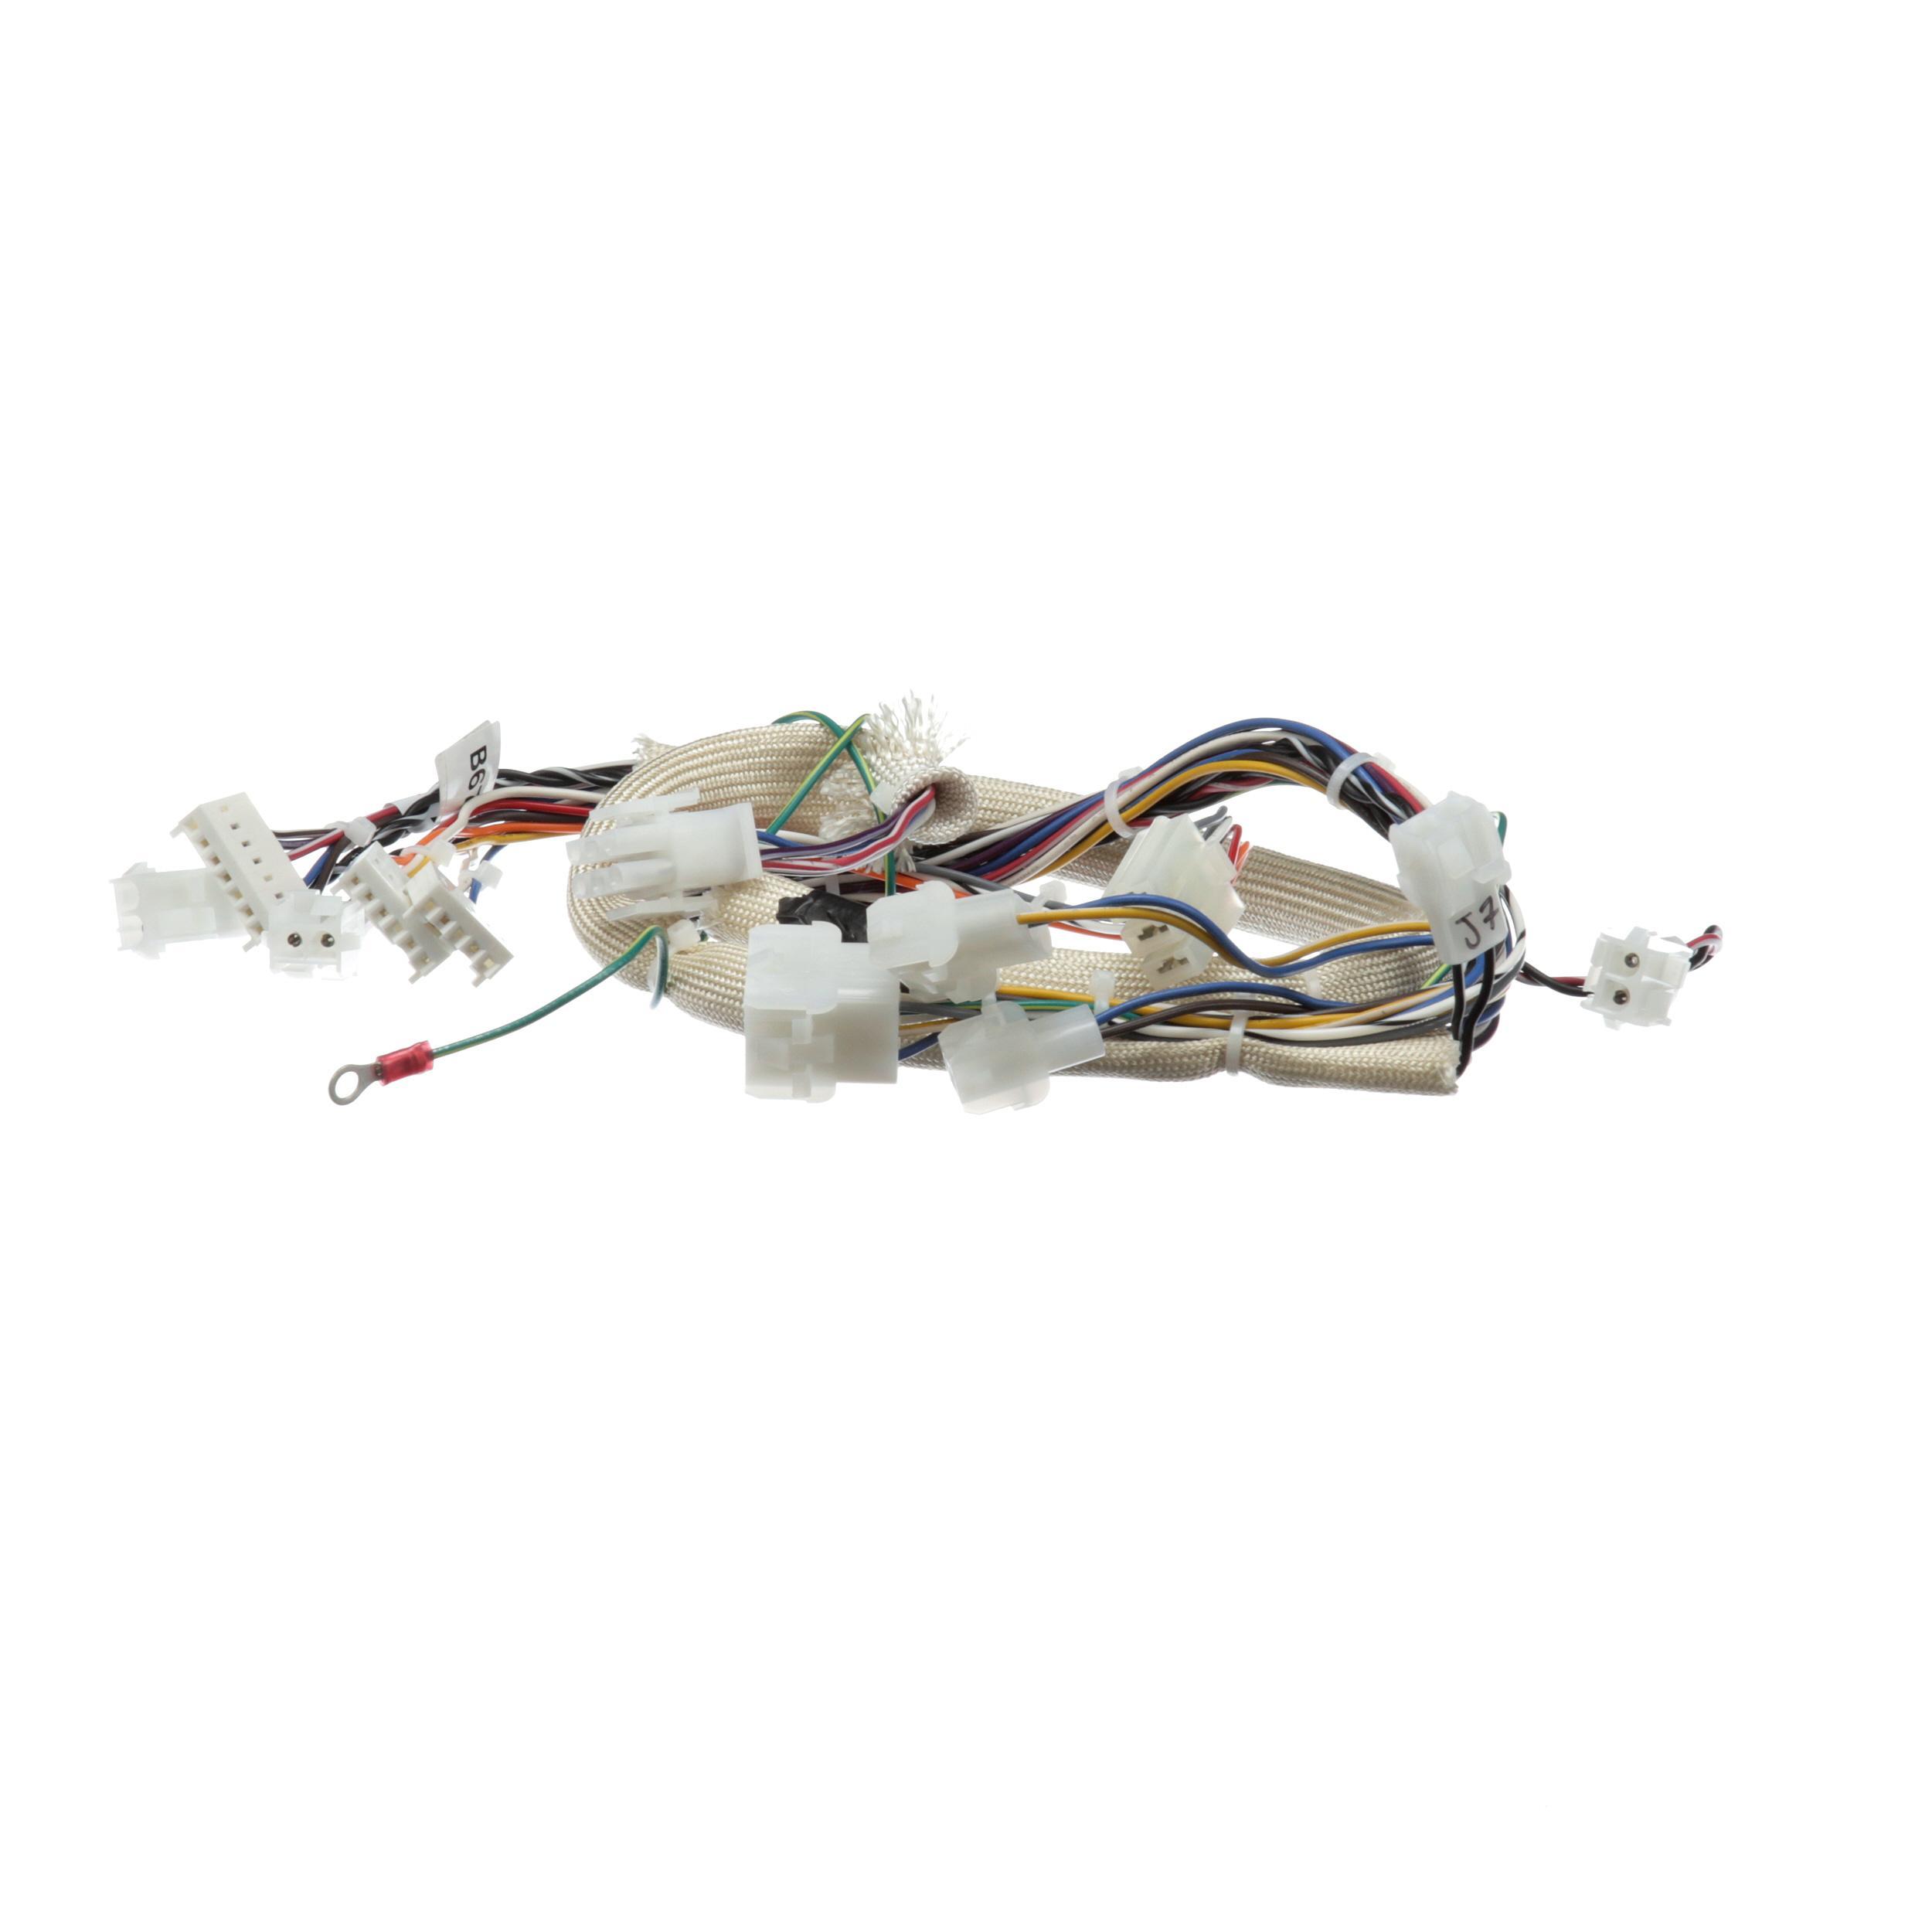 Pitco Wire Harness  Main